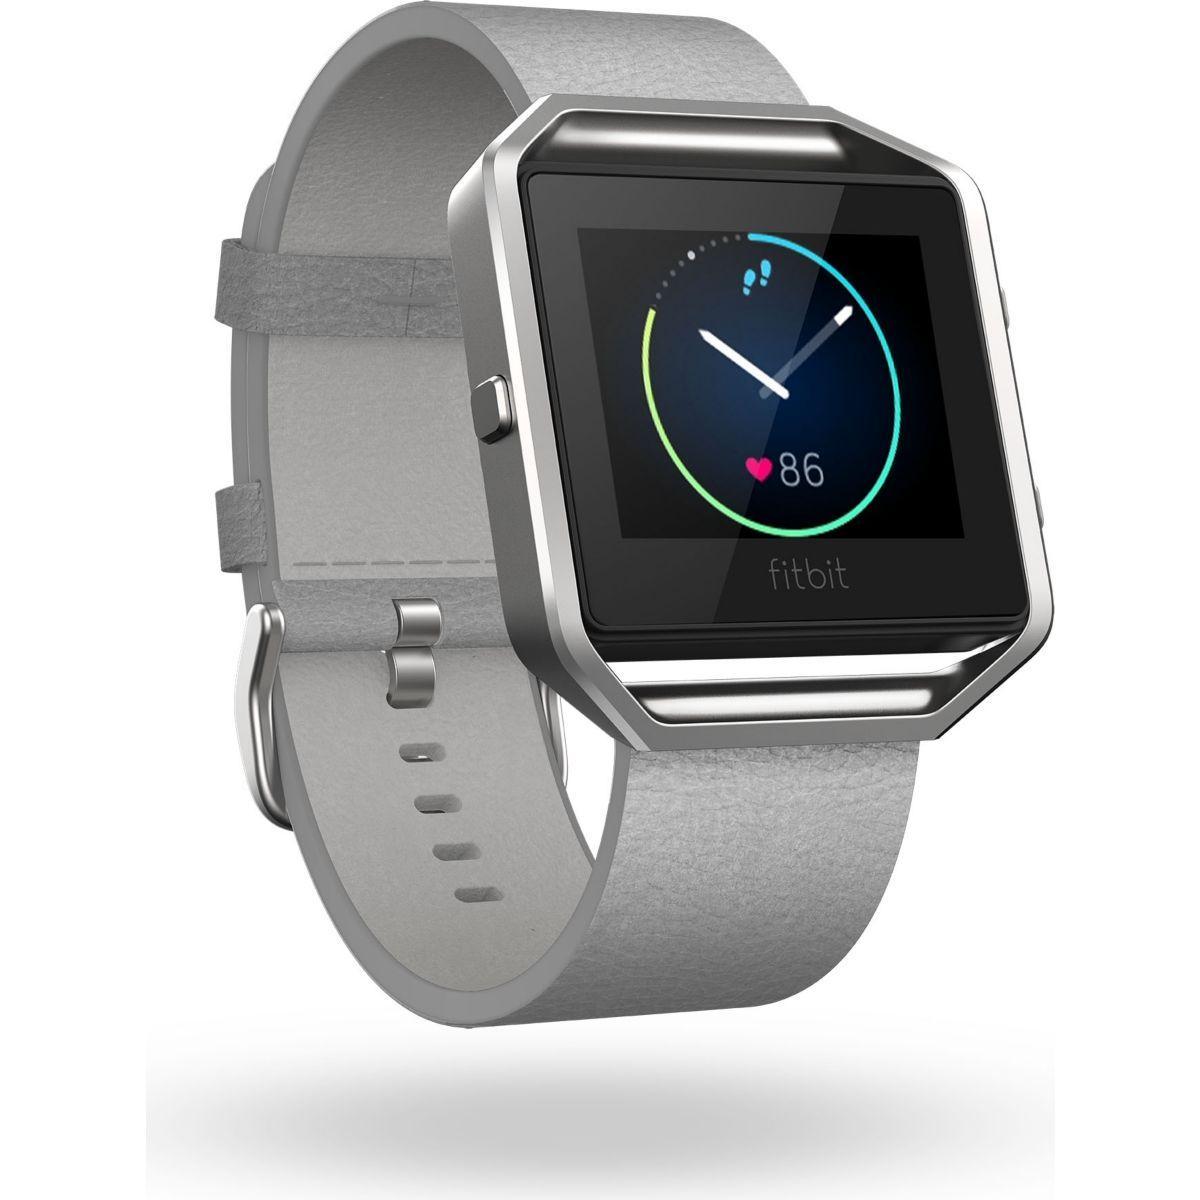 Accessoire fitbit bracelet cuir blaze grey s - 2% de remise imm�diate avec le code : wd2 (photo)